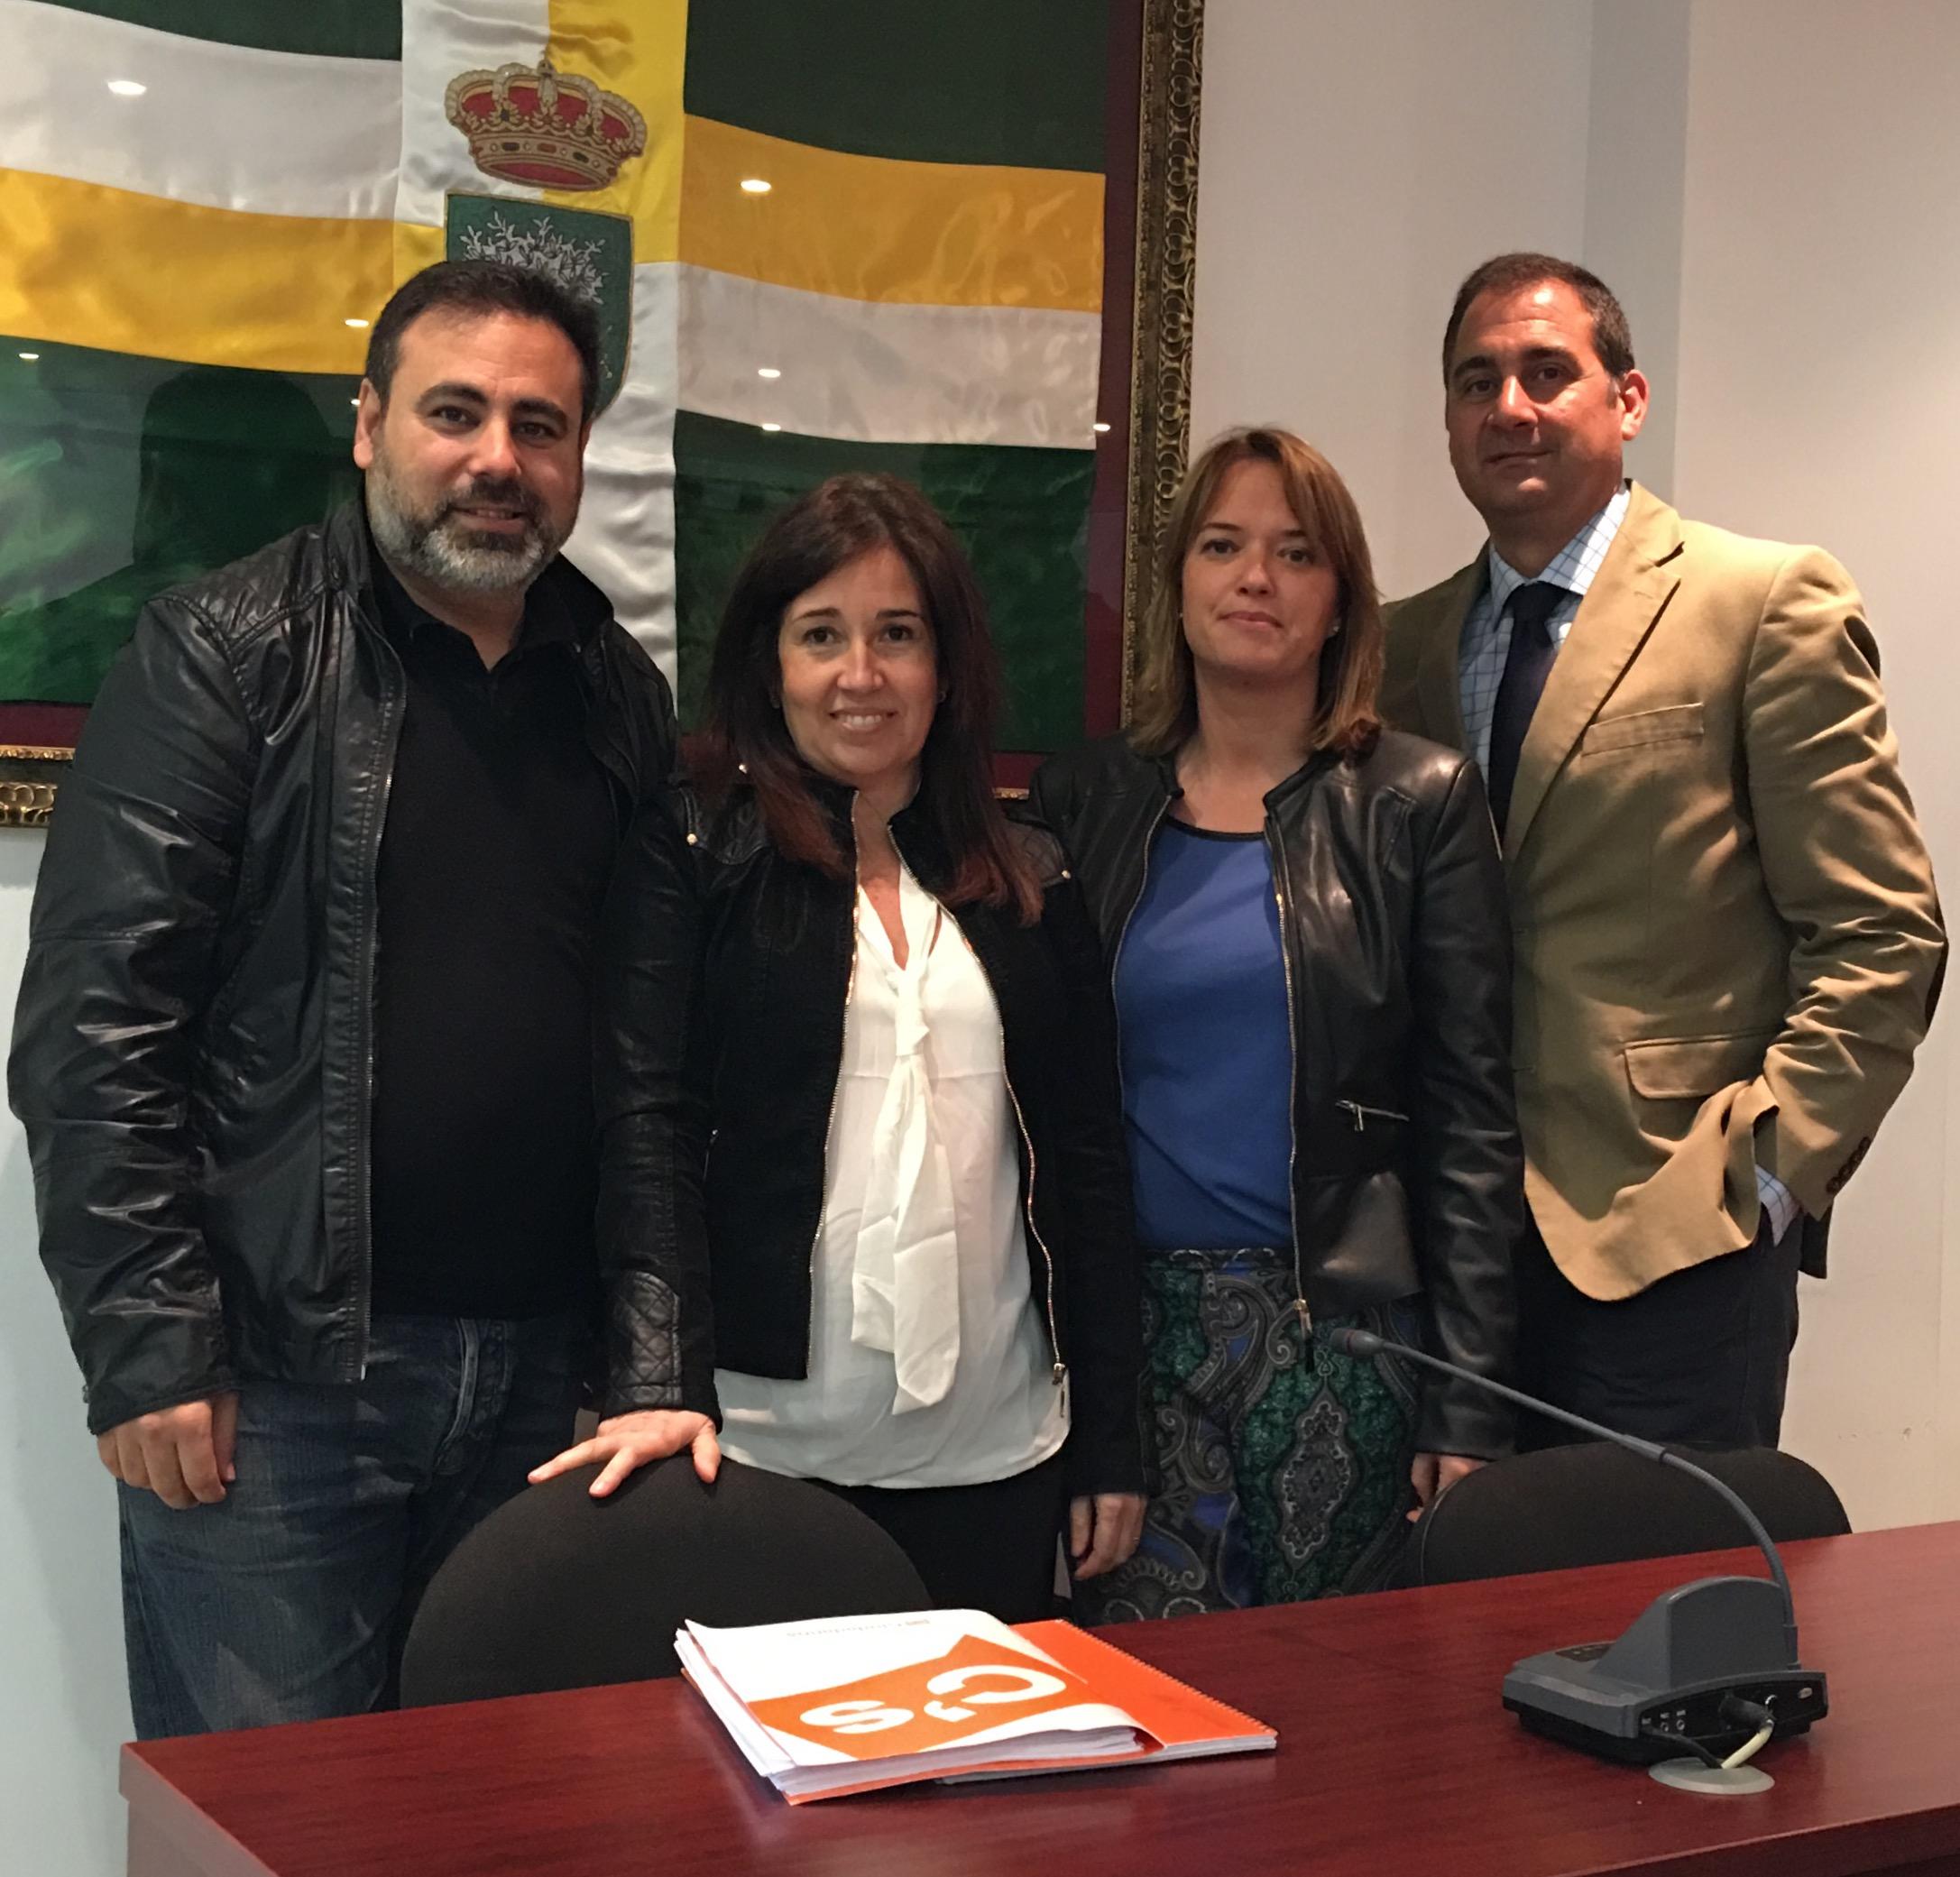 El Portavoz Manuel Romero, con los concejales del Grupo Municipal de Ciudadanos Bormujos